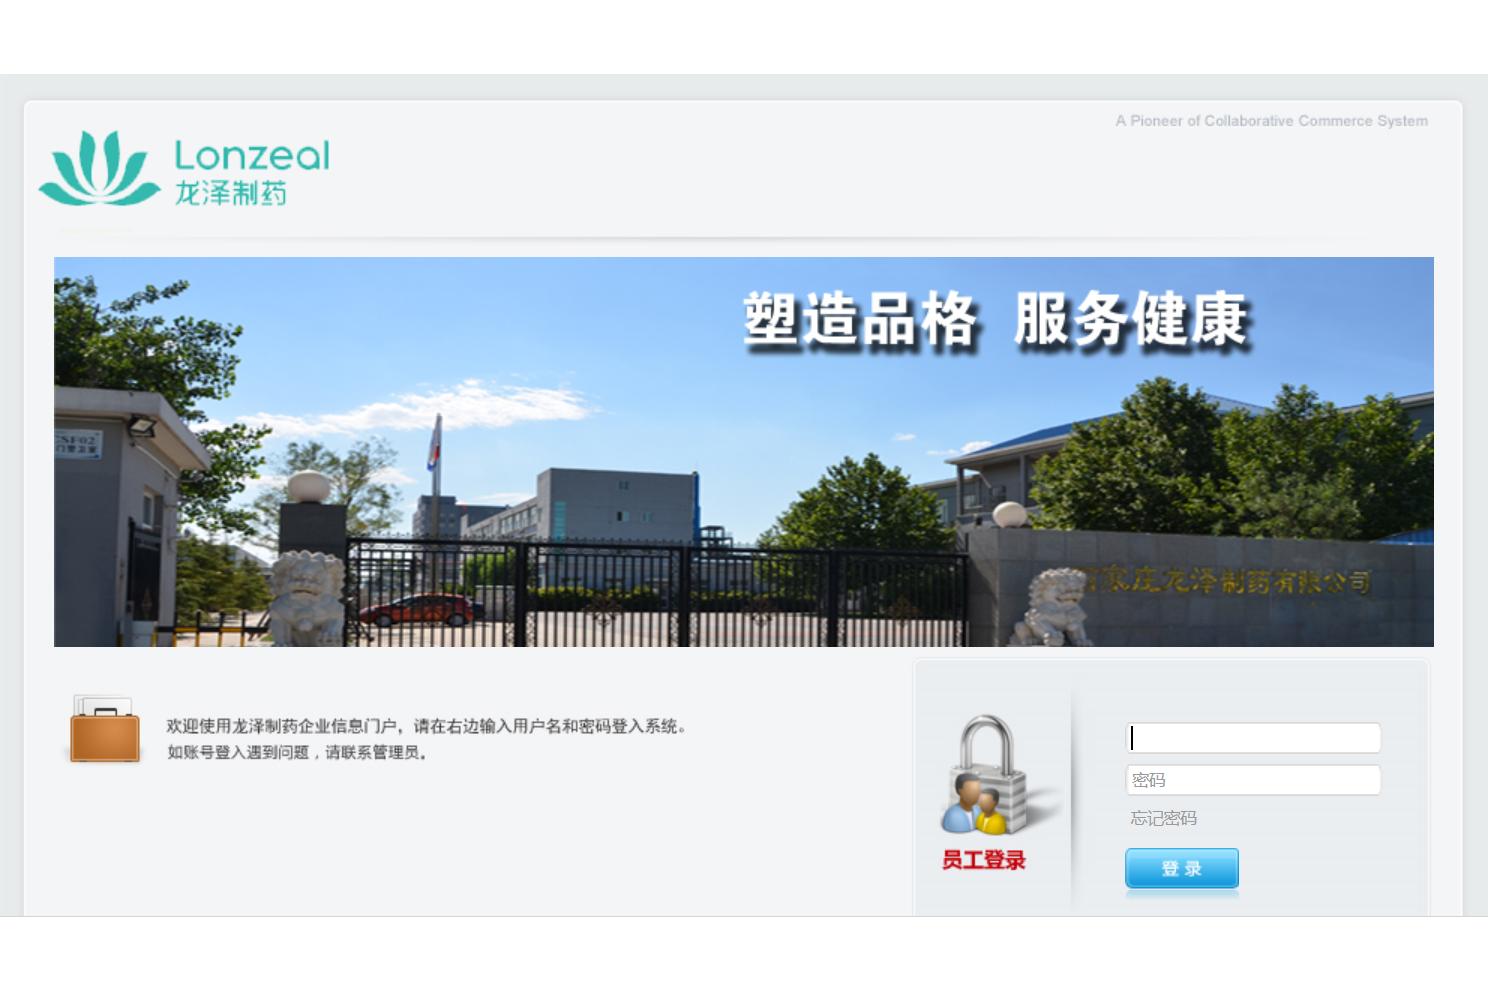 石家庄龙泽制药股份有限公司泛微OA系统项目验收